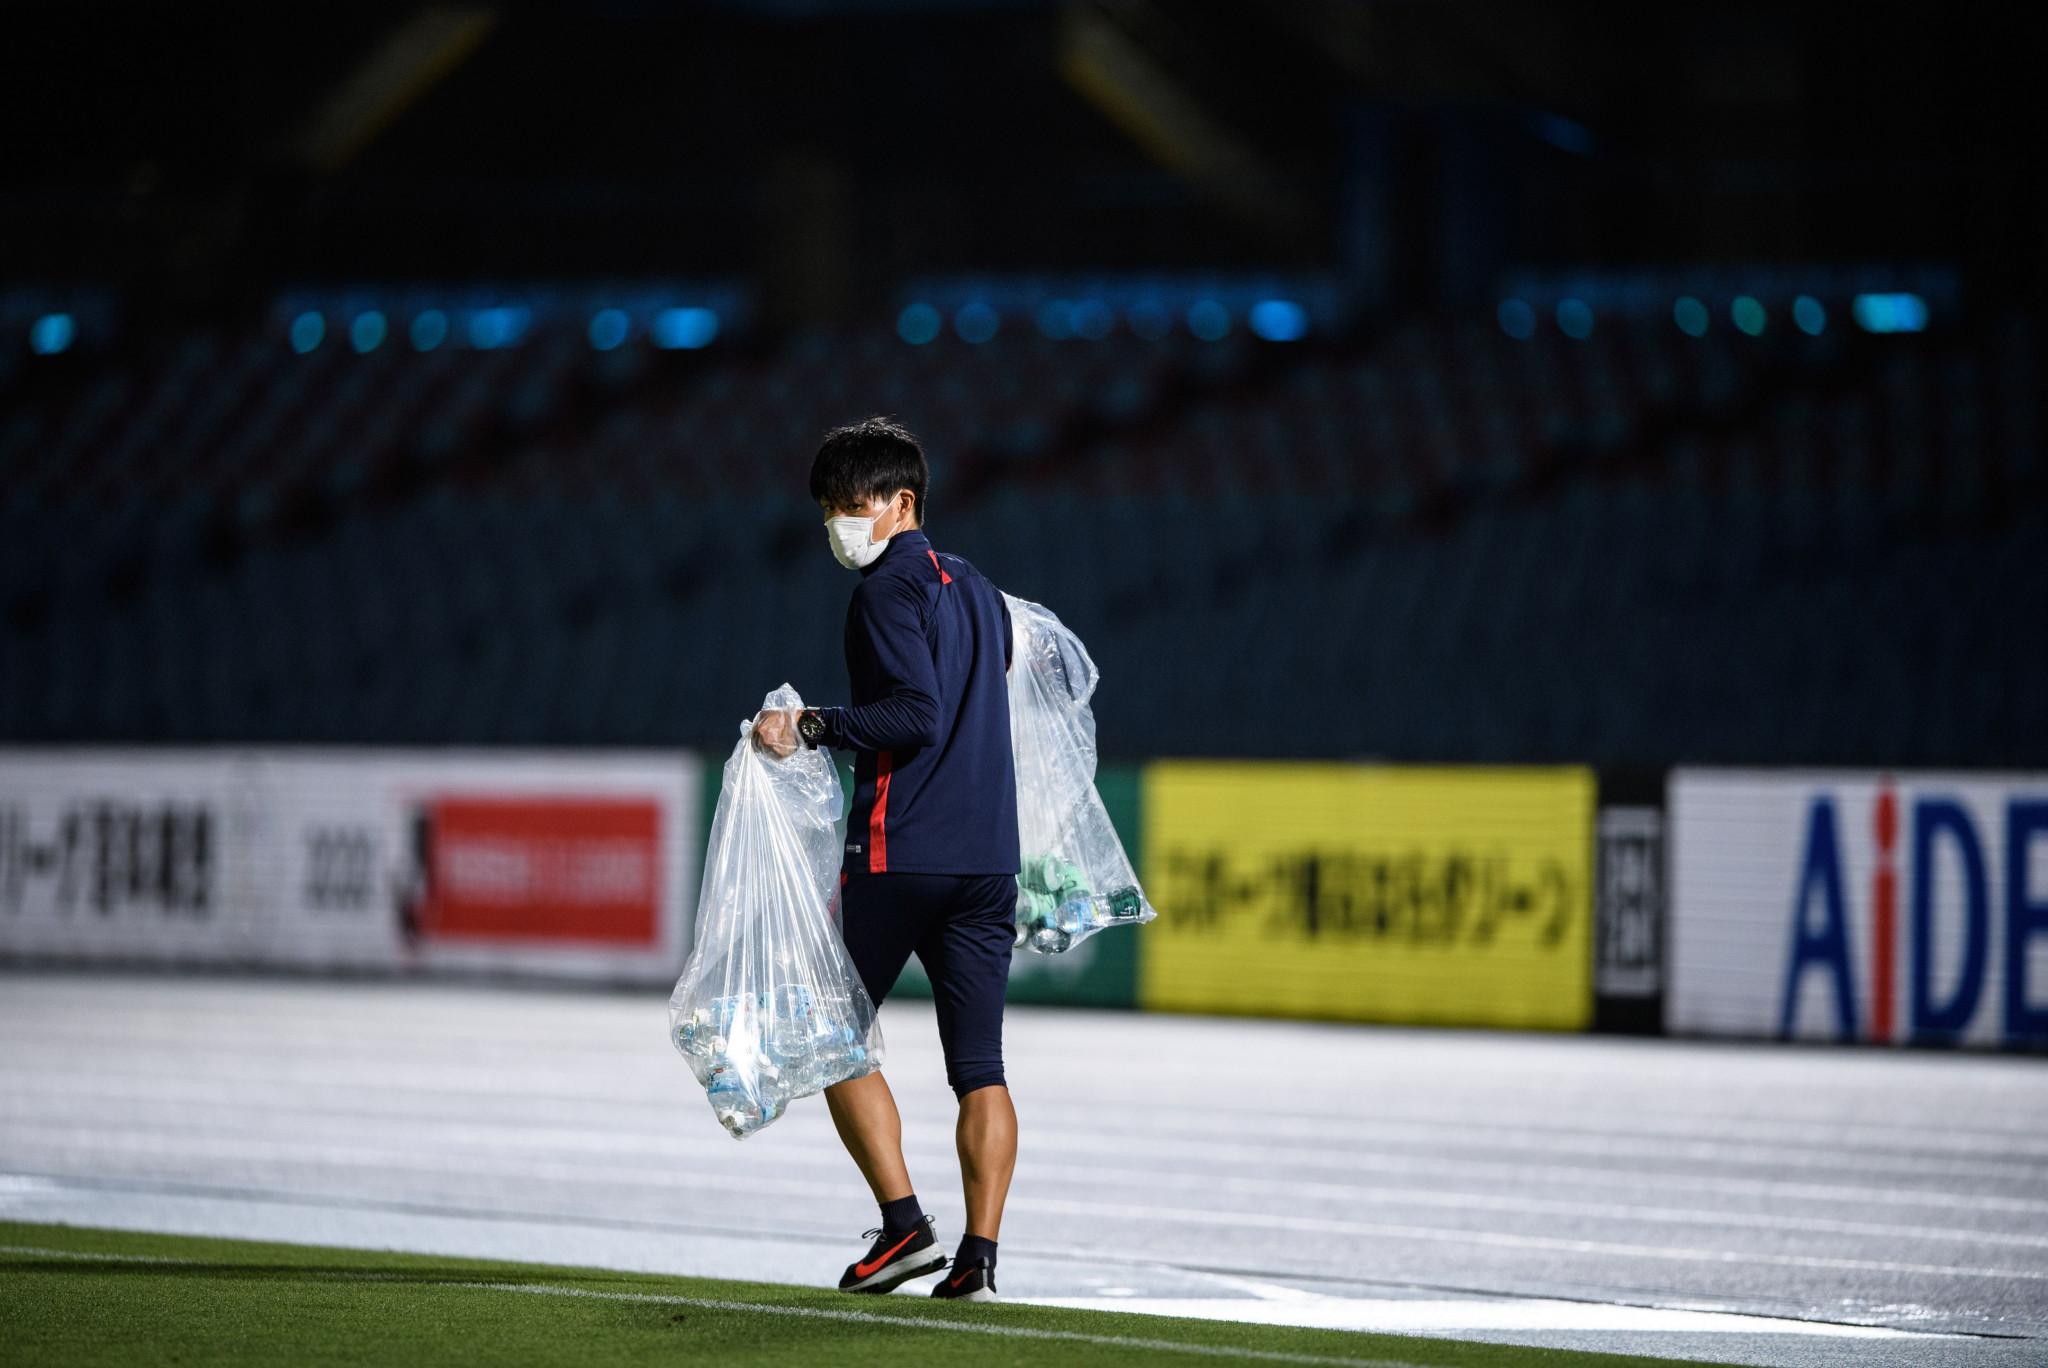 日本J联赛爆发疫情推迟比赛,东京奥运会怎么办?